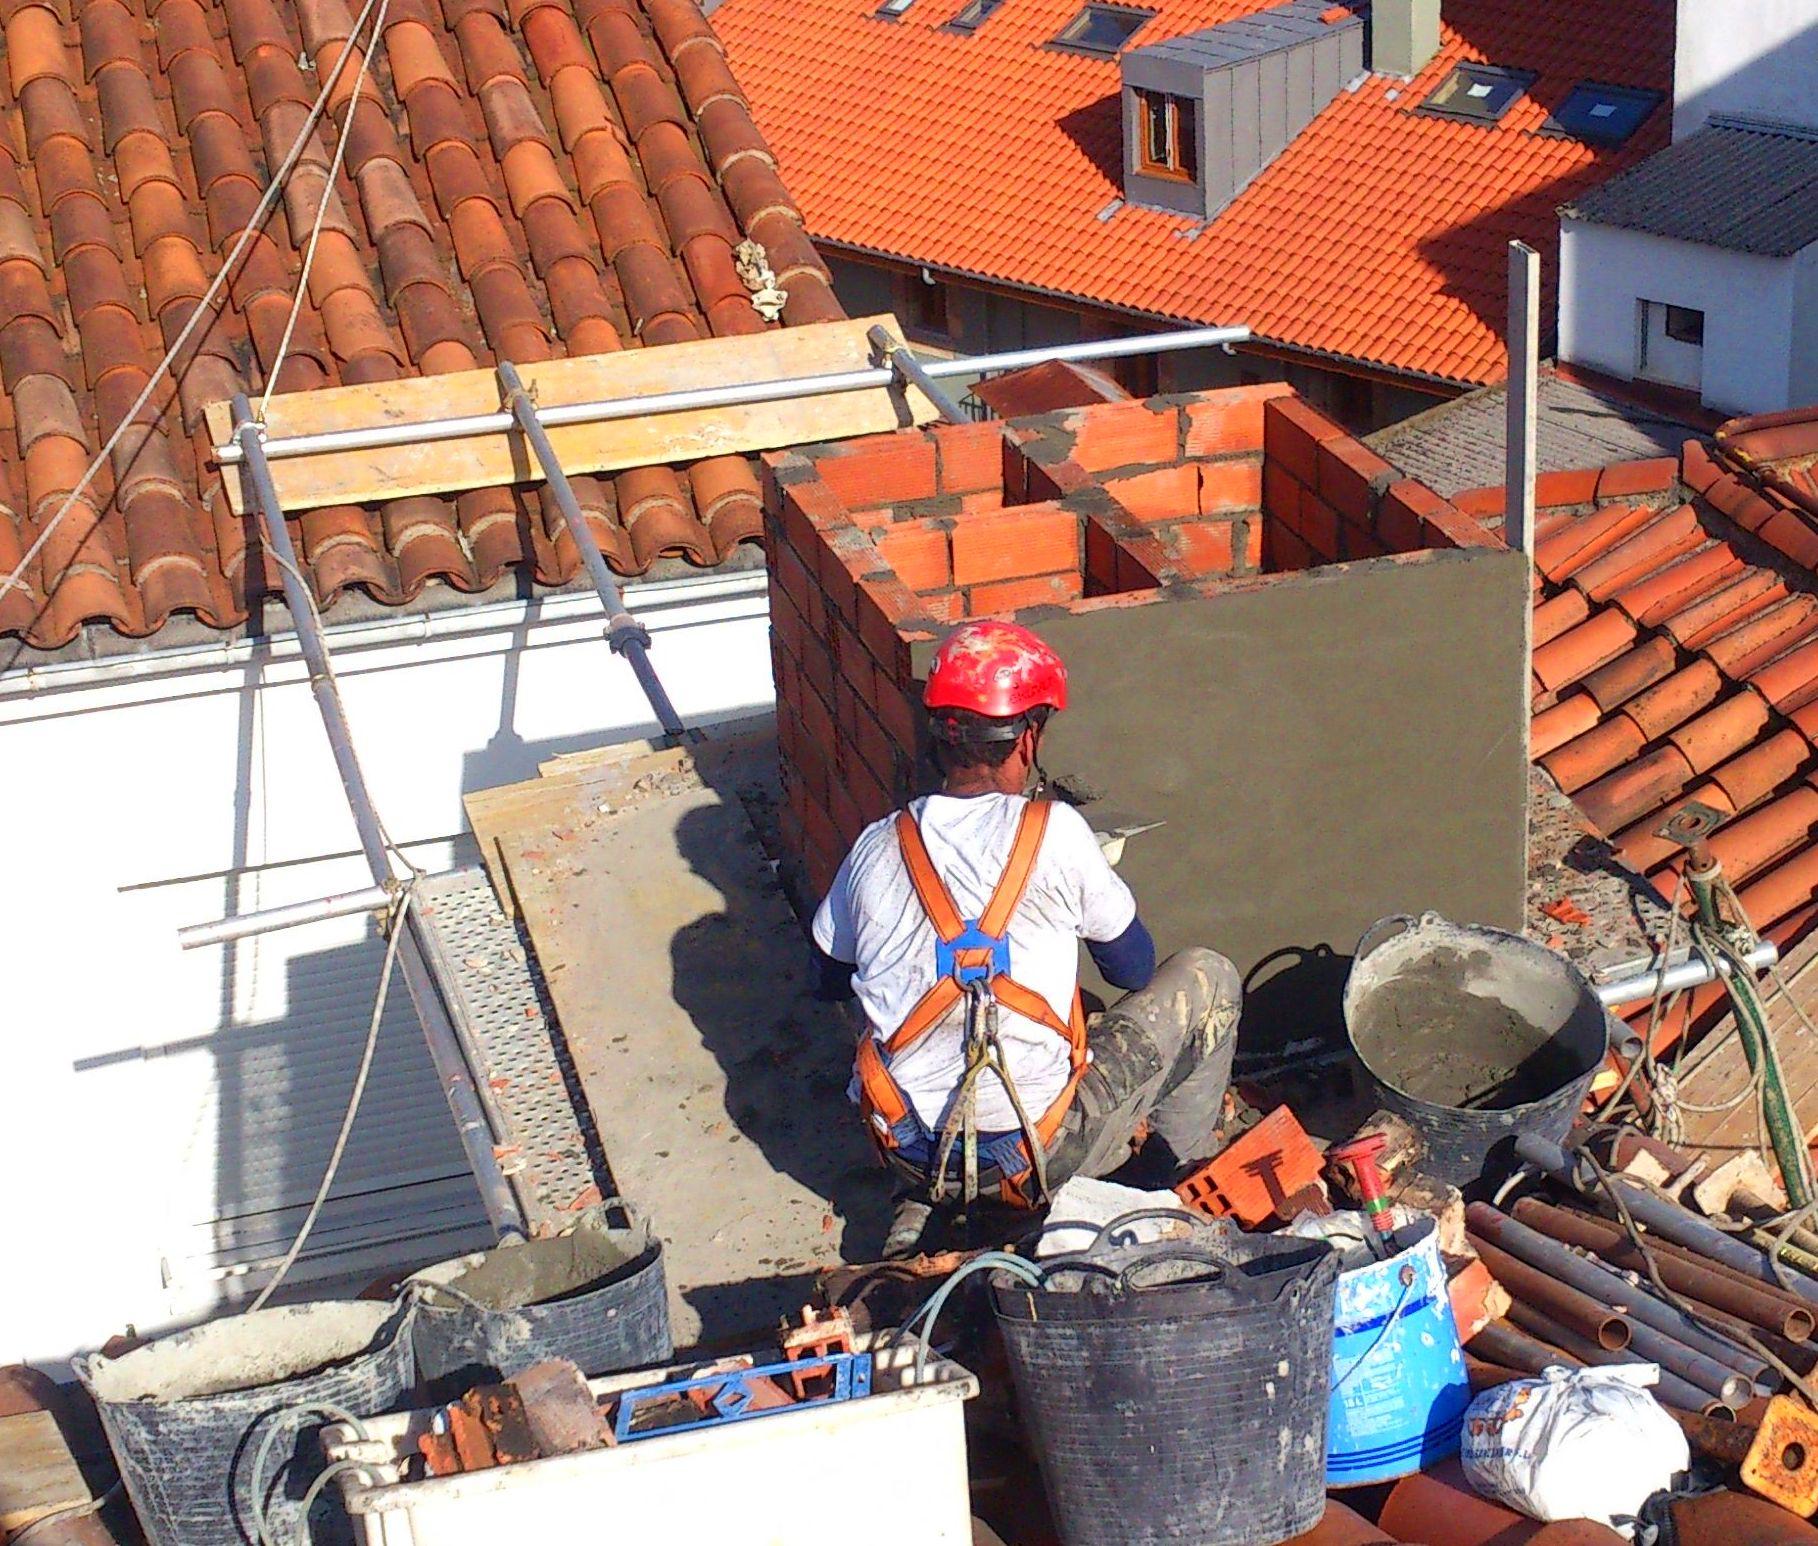 Reparación de chimenea con difícil acceso, albañilería en general en Cantabria.